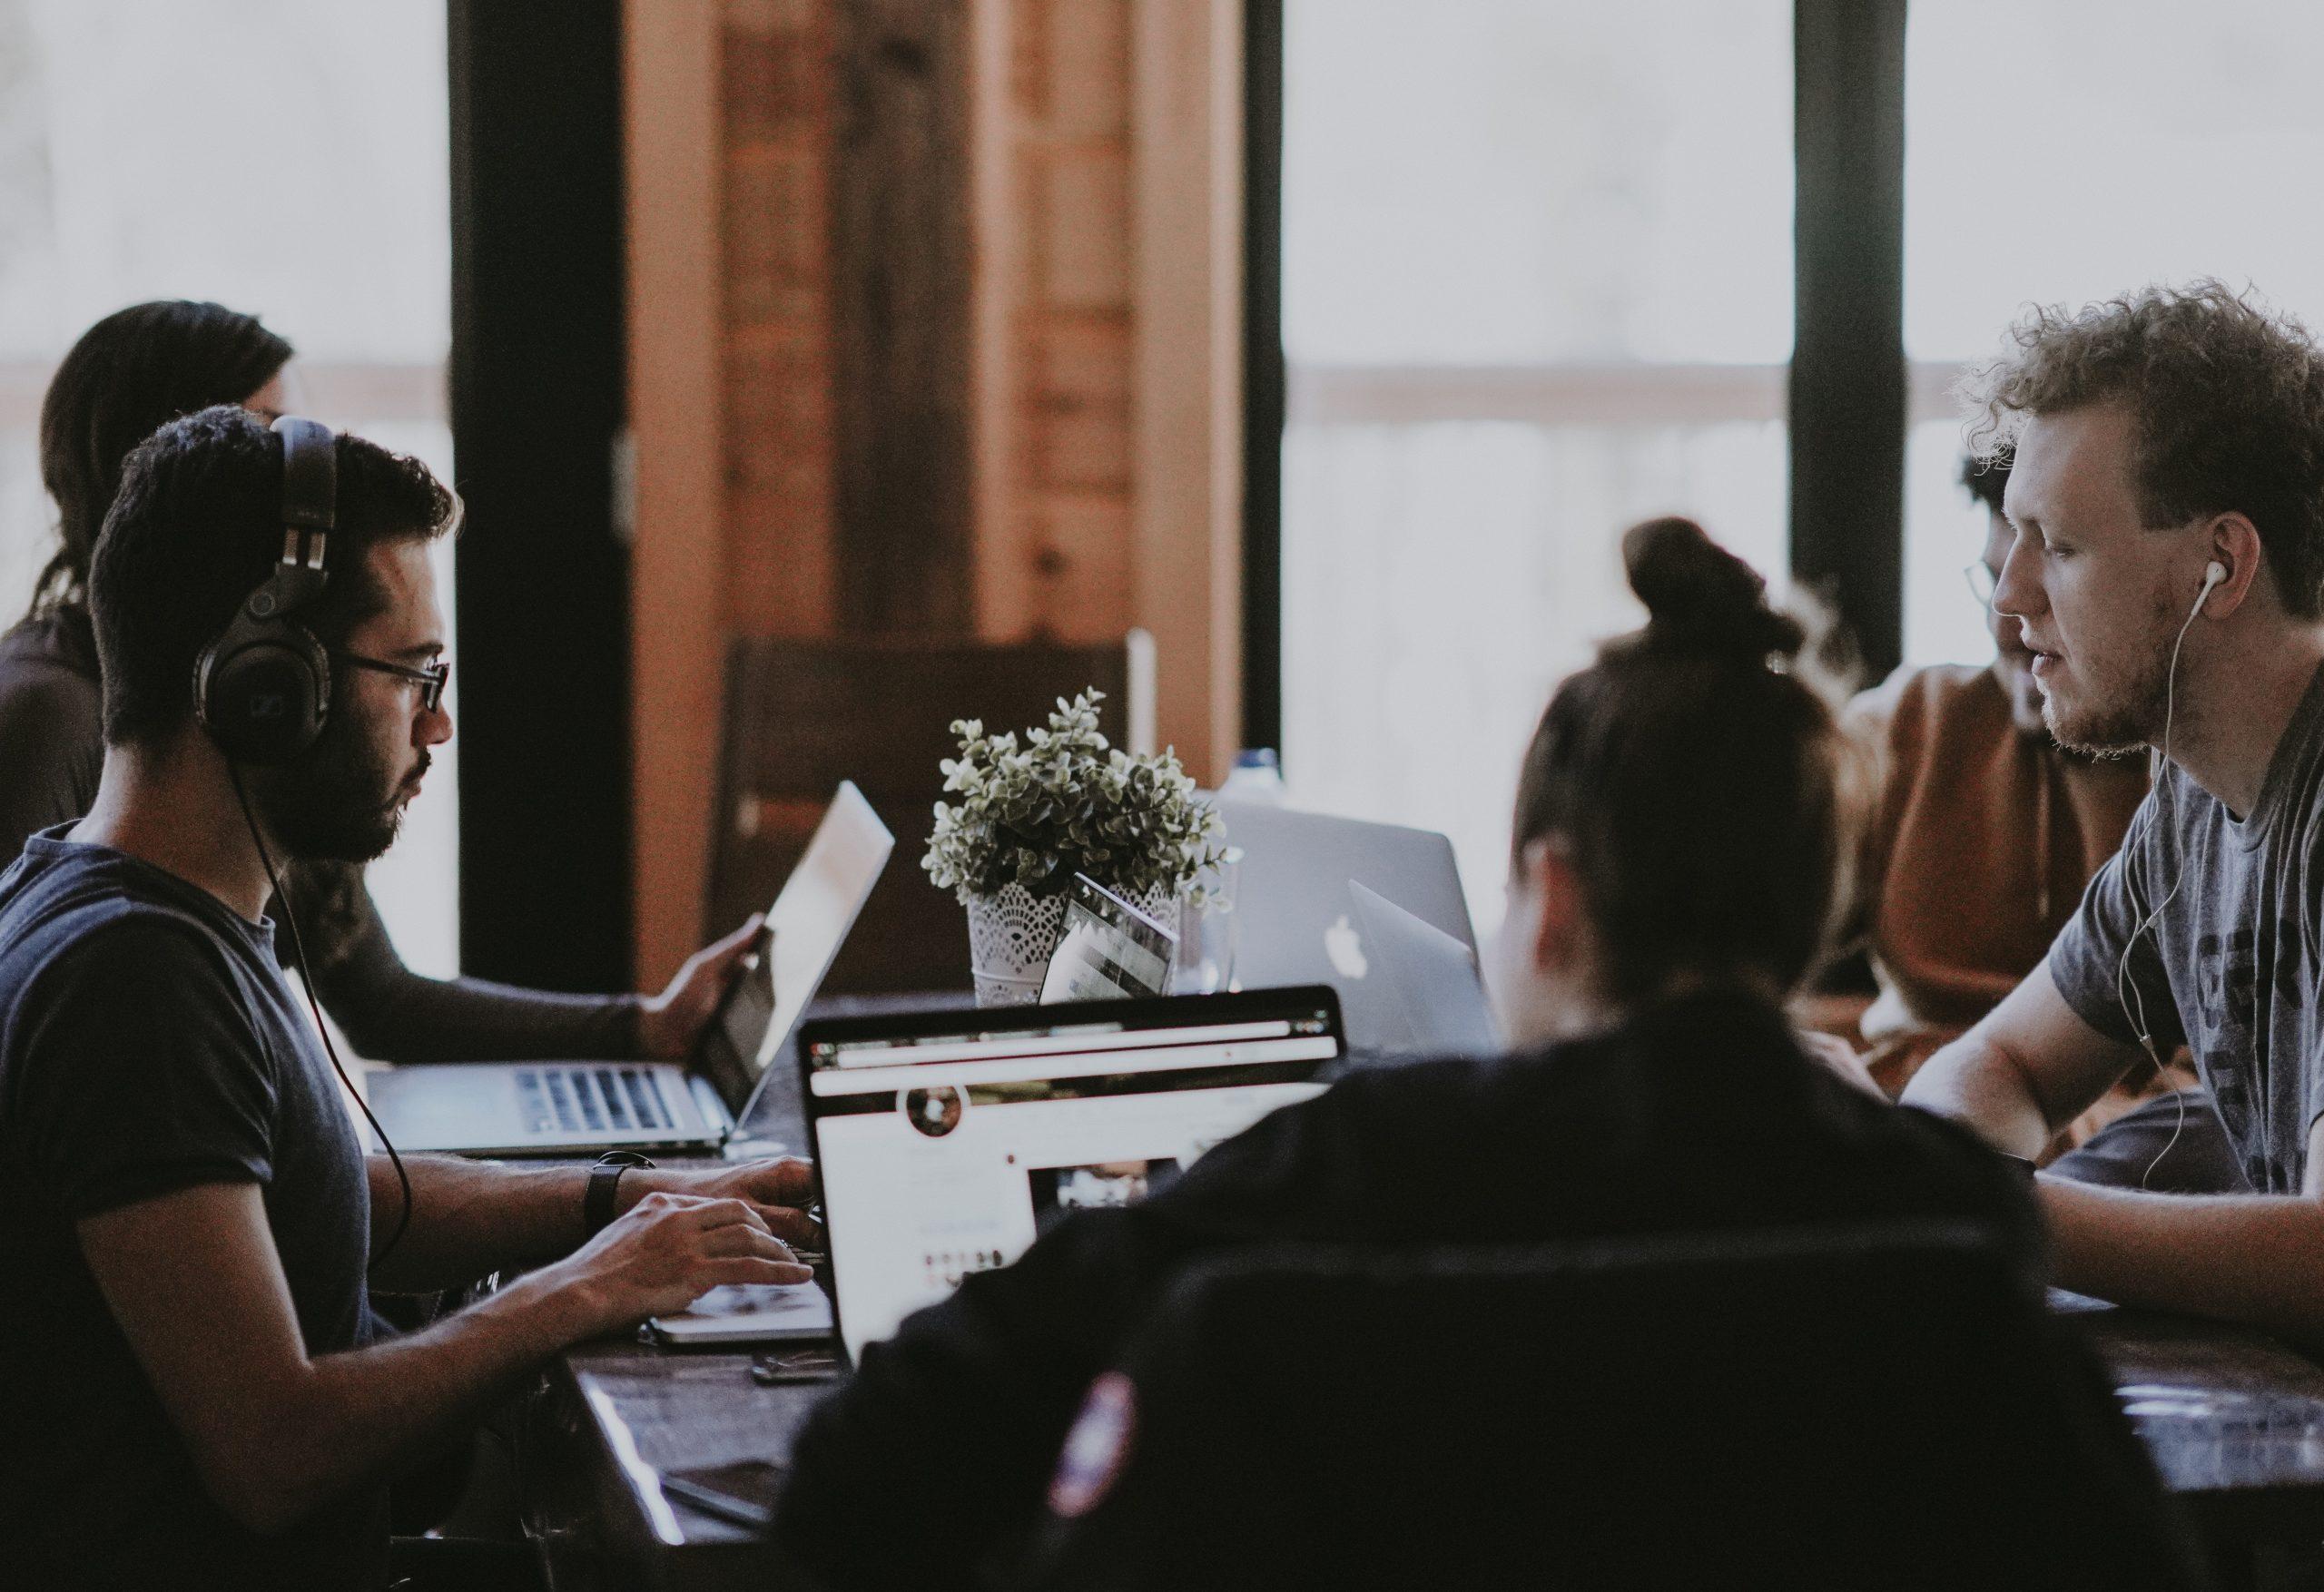 La valorisation du collectif est un concept mis en place par le manager pour pousser une équipe vers une meilleure productivité et bien-être